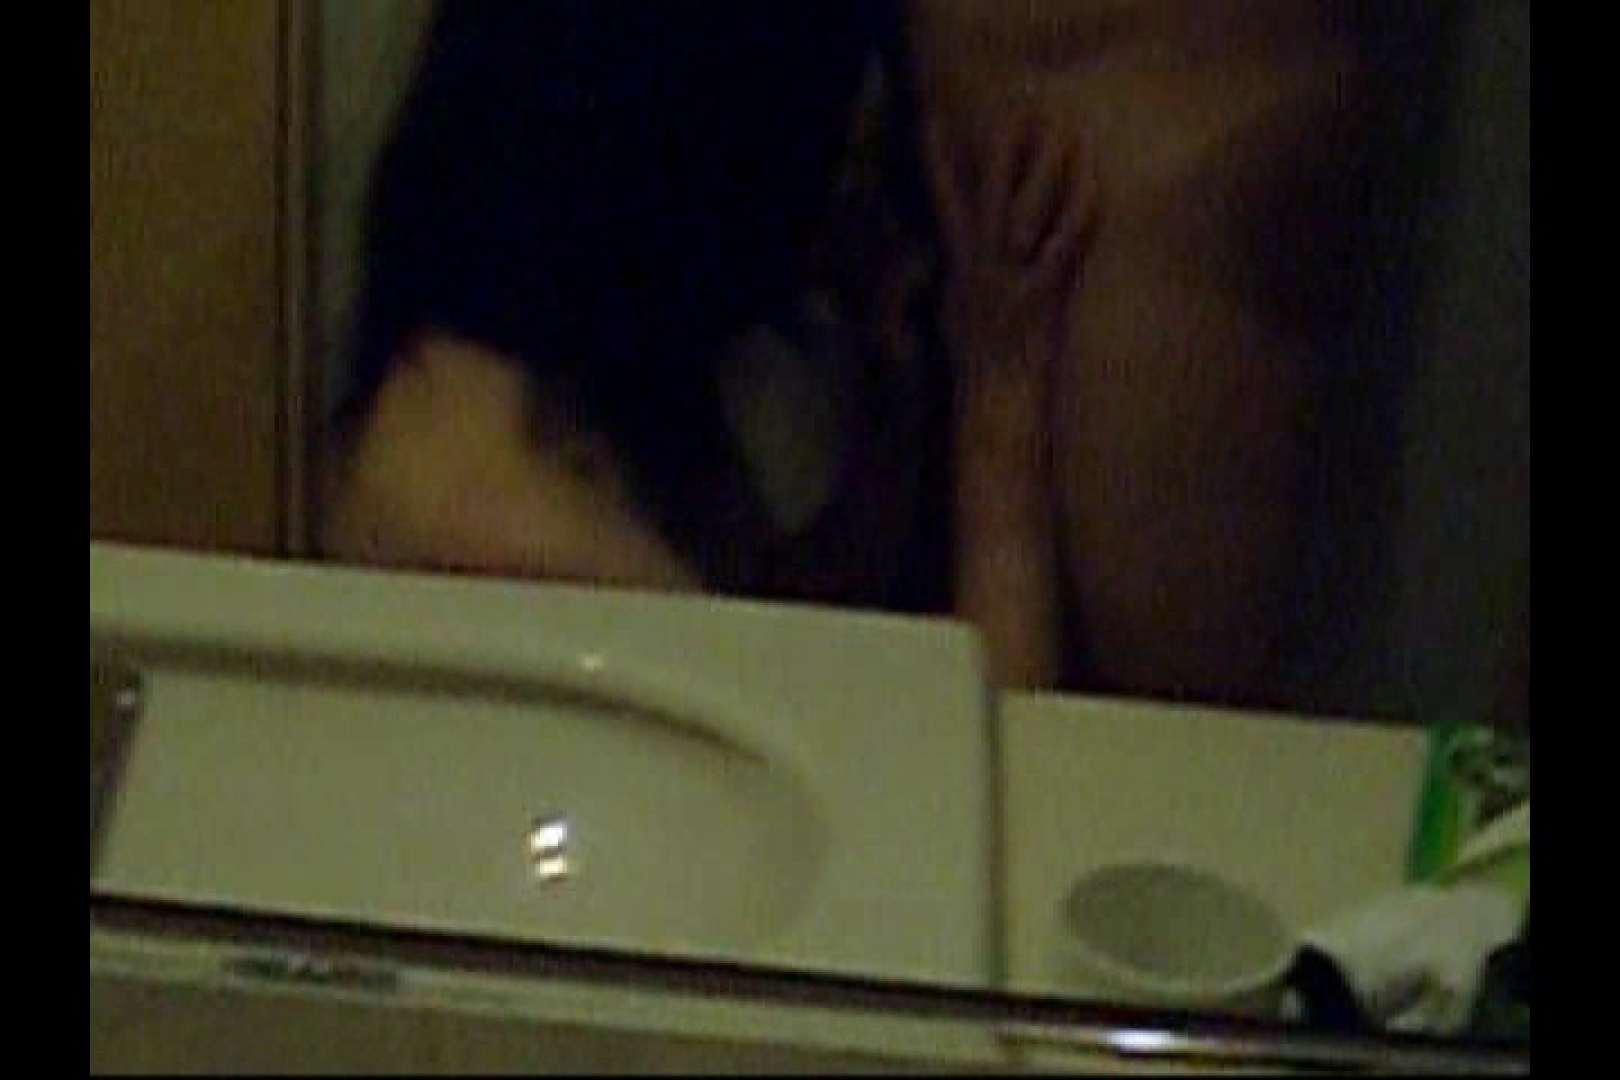 続・某掲示板に投稿された素人女性たちvol.6 フェラチオシーン アダルト動画キャプチャ 108pic 71